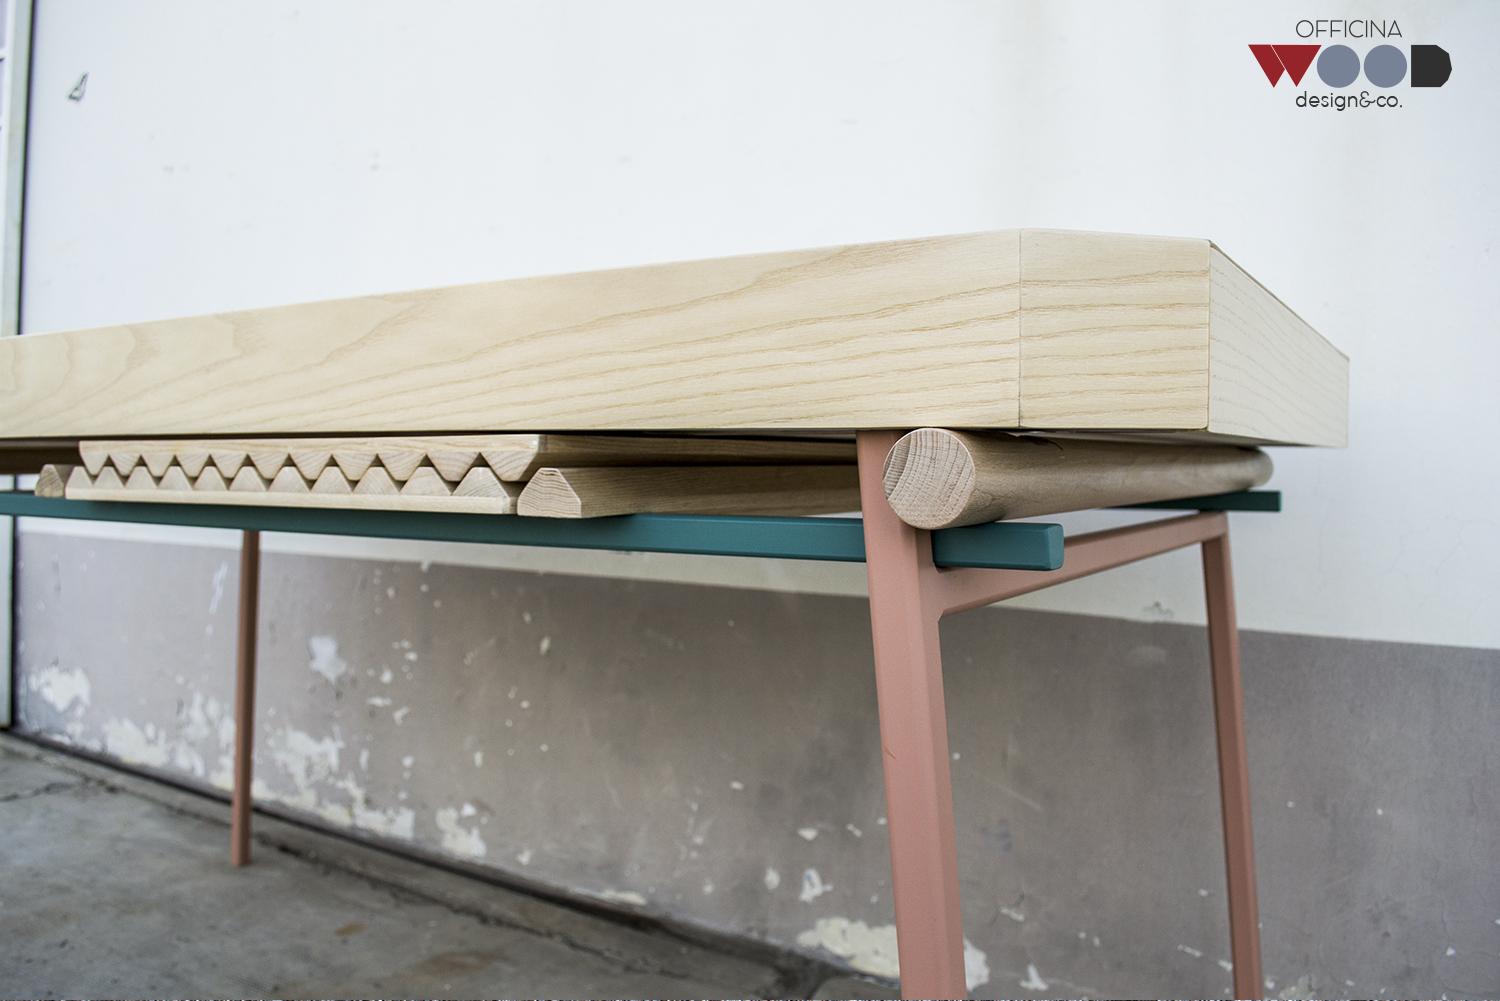 Werkstatt-Holz-Tisch verlängerbaren-agrestick-10